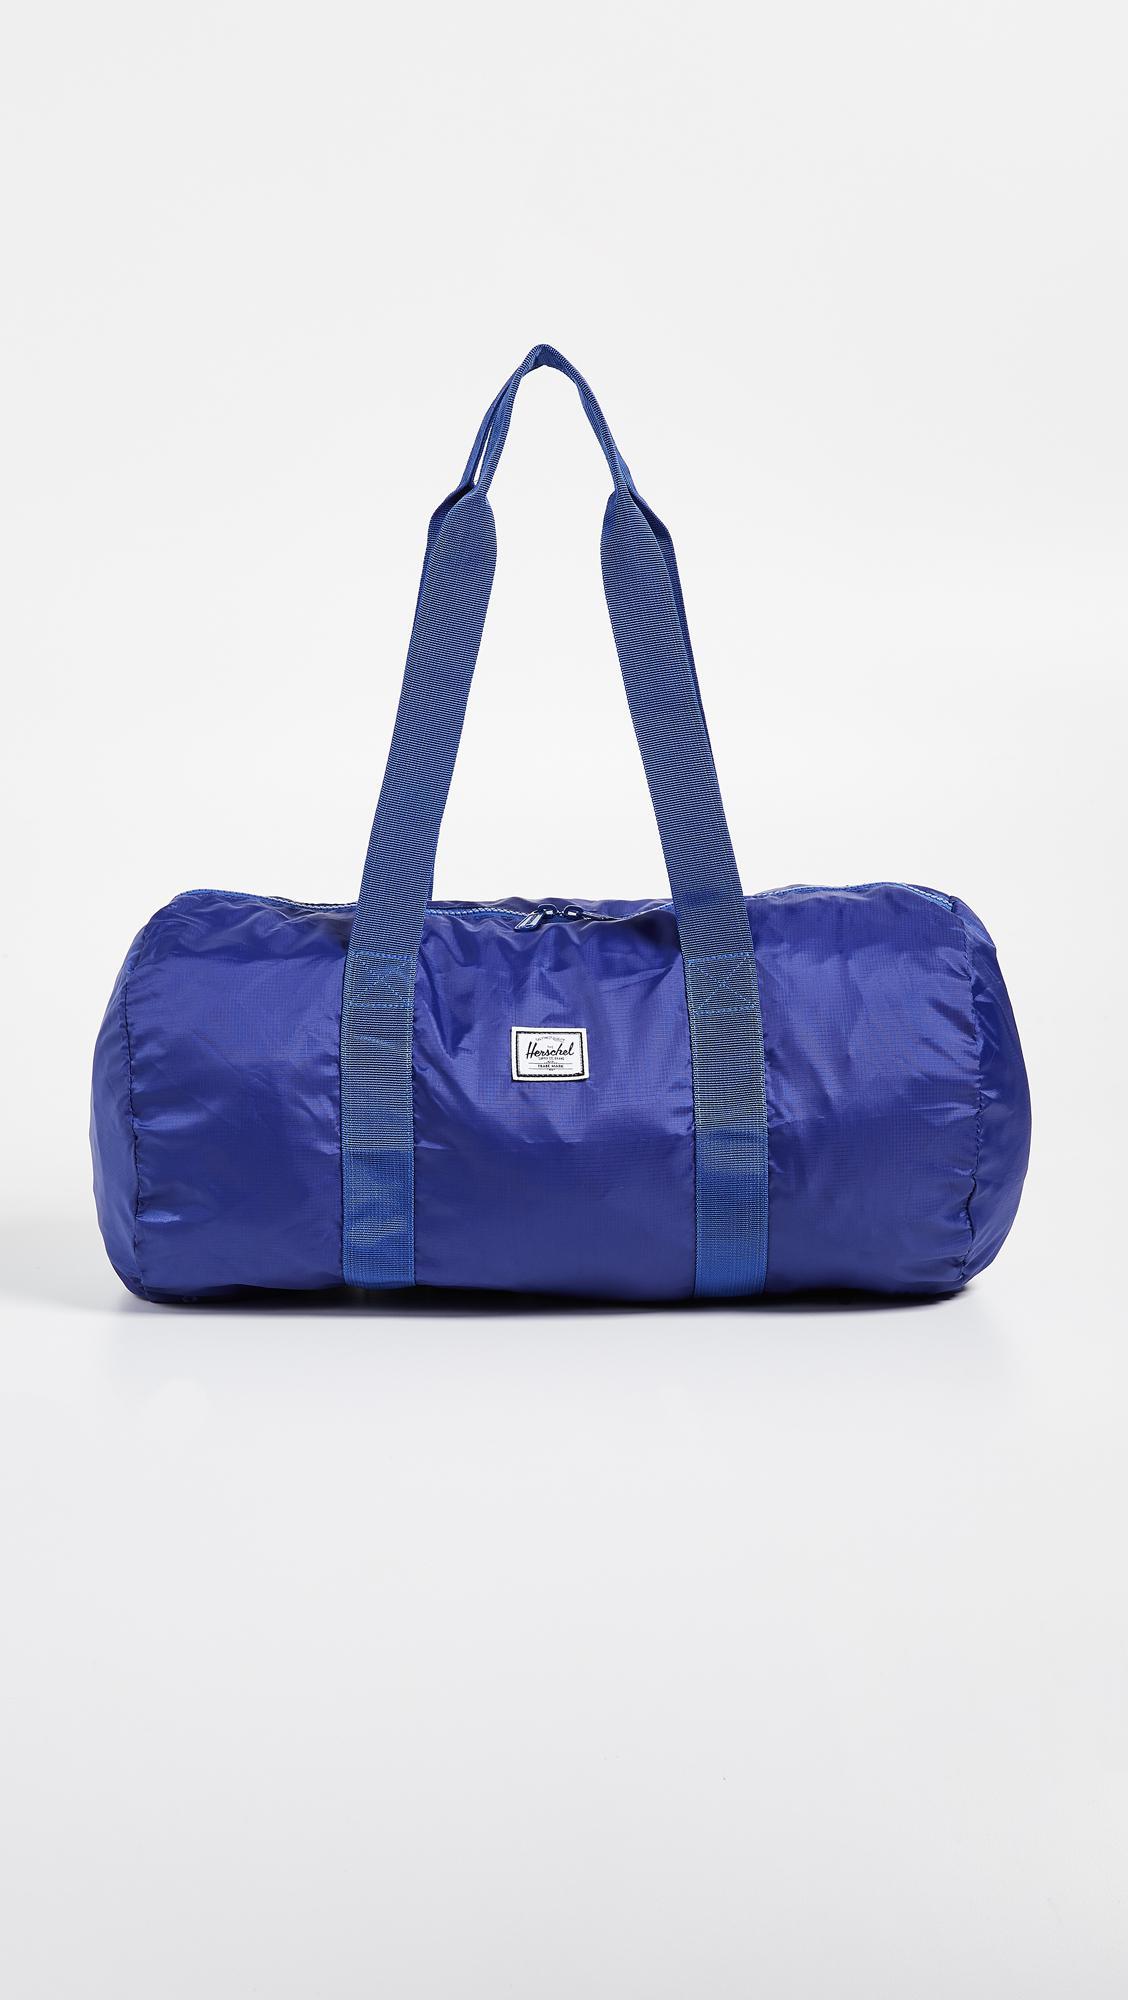 6de1effb7519 Herschel Supply Co. Packable Duffel in Blue for Men - Lyst